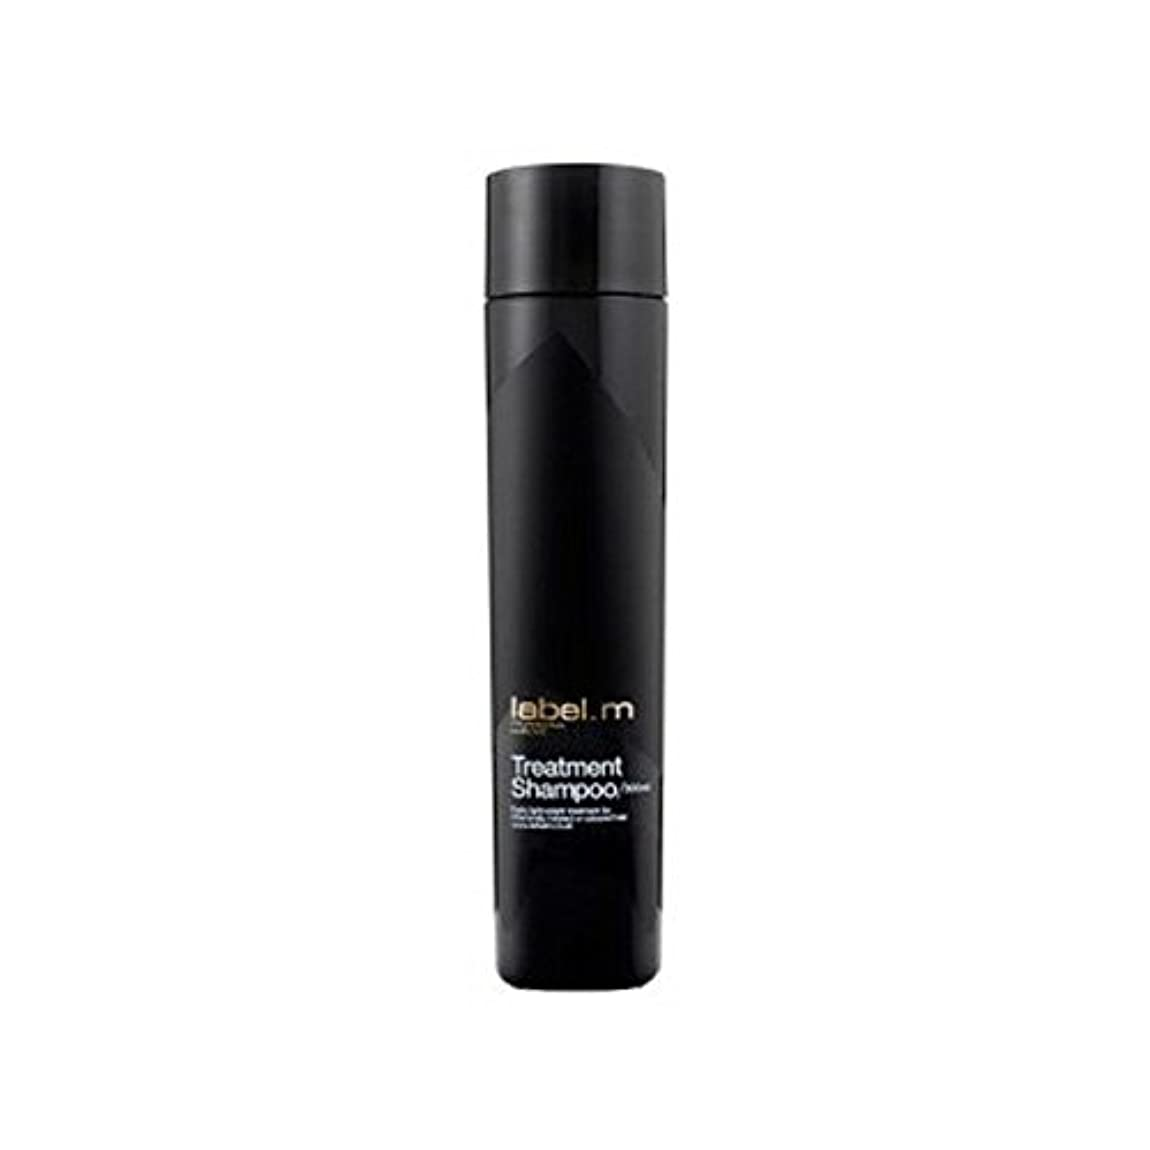 九月くさび満足.トリートメントシャンプー(300ミリリットル) x4 - Label.M Treatment Shampoo (300ml) (Pack of 4) [並行輸入品]